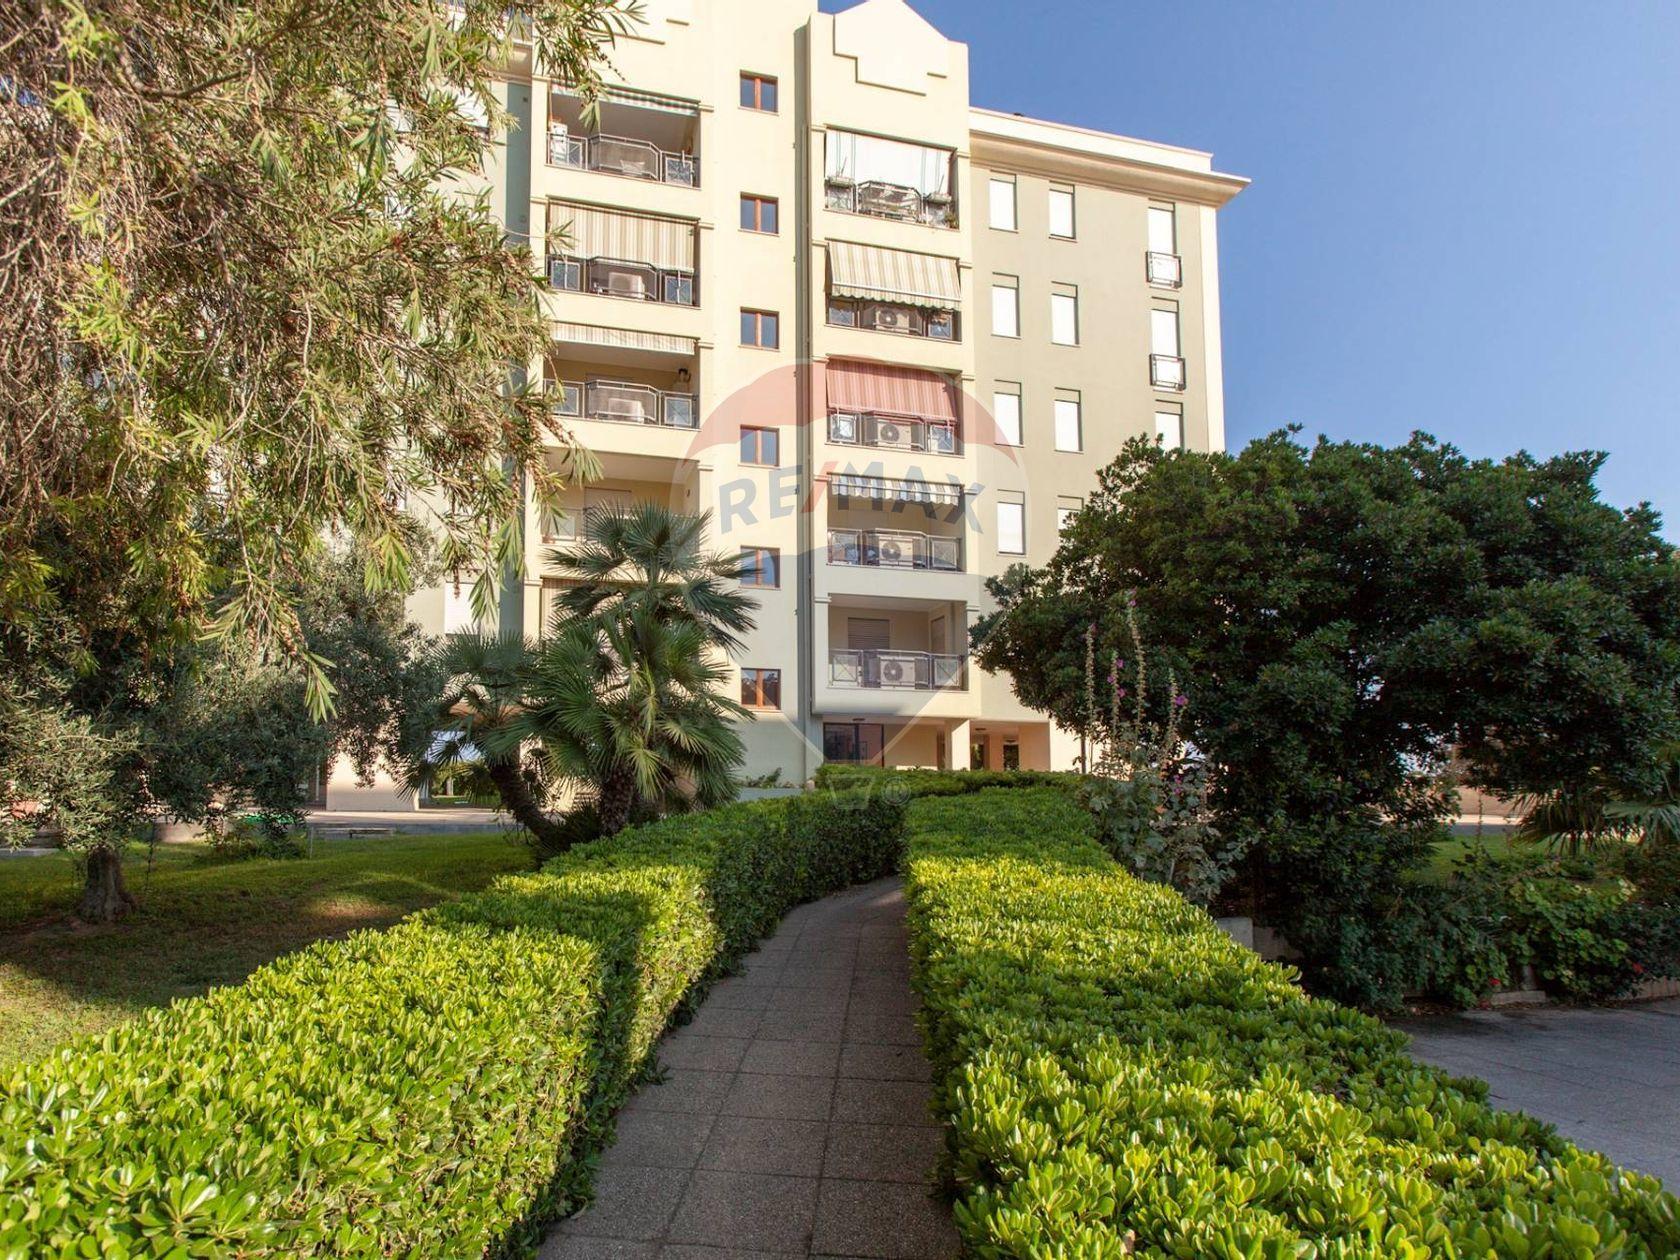 Appartamento Cagliari-su Planu-mulinu Becciu, Cagliari, CA Vendita - Foto 2